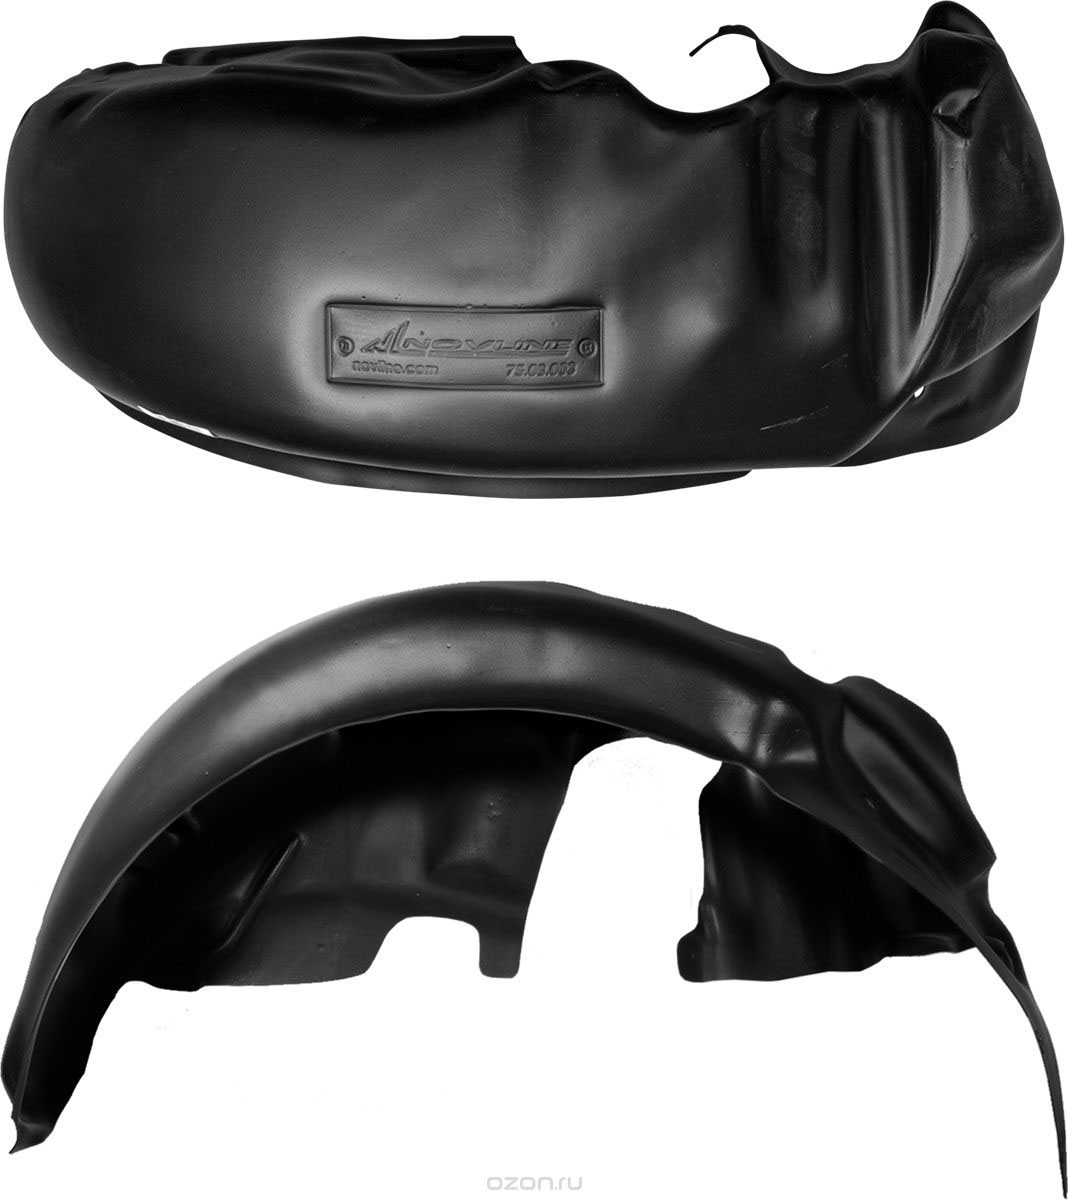 Подкрылок Novline-Autofamily, для Chevrolet NIVA, 2014->, передний правыйNLL.52.28.002Идеальная защита колесной ниши. Локеры разработаны с применением цифровых технологий, гарантируют максимальную повторяемость поверхности арки. Изделия устанавливаются без нарушения лакокрасочного покрытия автомобиля, каждый подкрылок комплектуется крепежом. Уважаемые клиенты, обращаем ваше внимание, что фотографии на подкрылки универсальные и не отражают реальную форму изделия. При этом само изделие идет точно под размер указанного автомобиля.